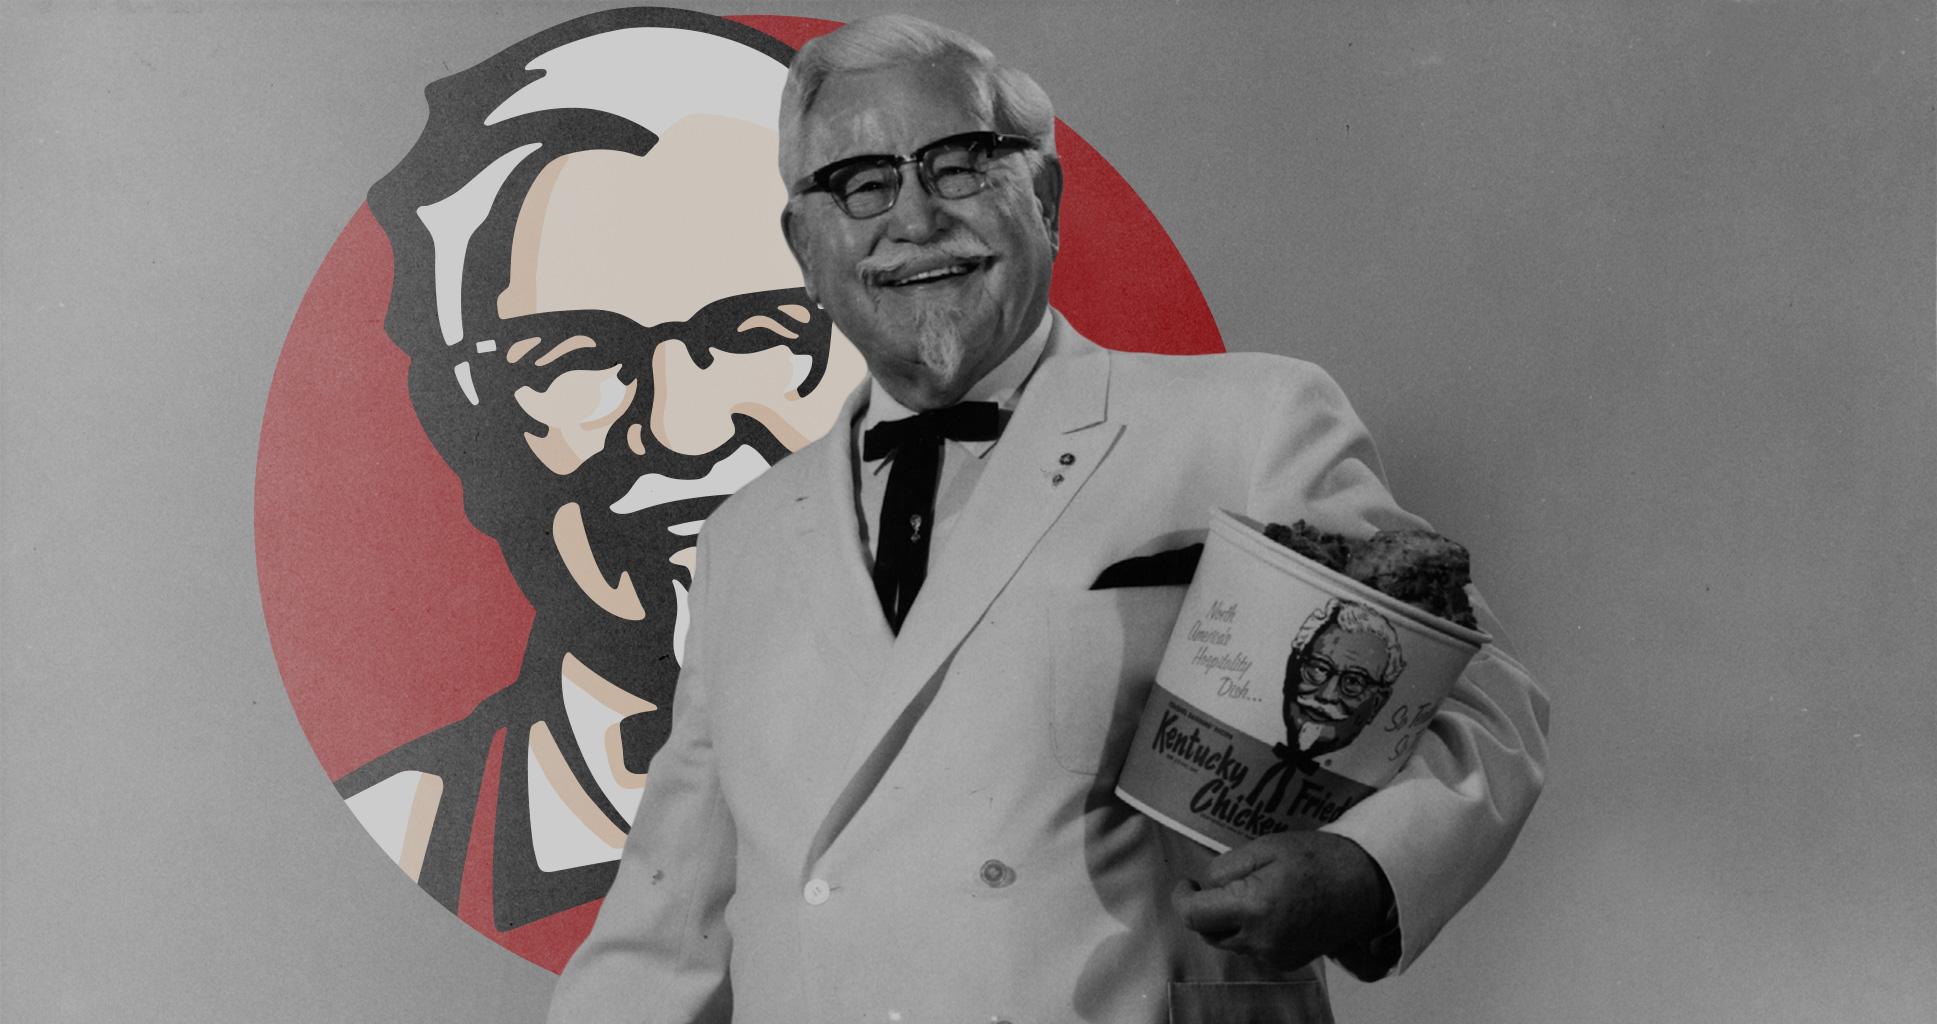 L'histoire vraie du vrai Colonel Sanders de KFC (2)